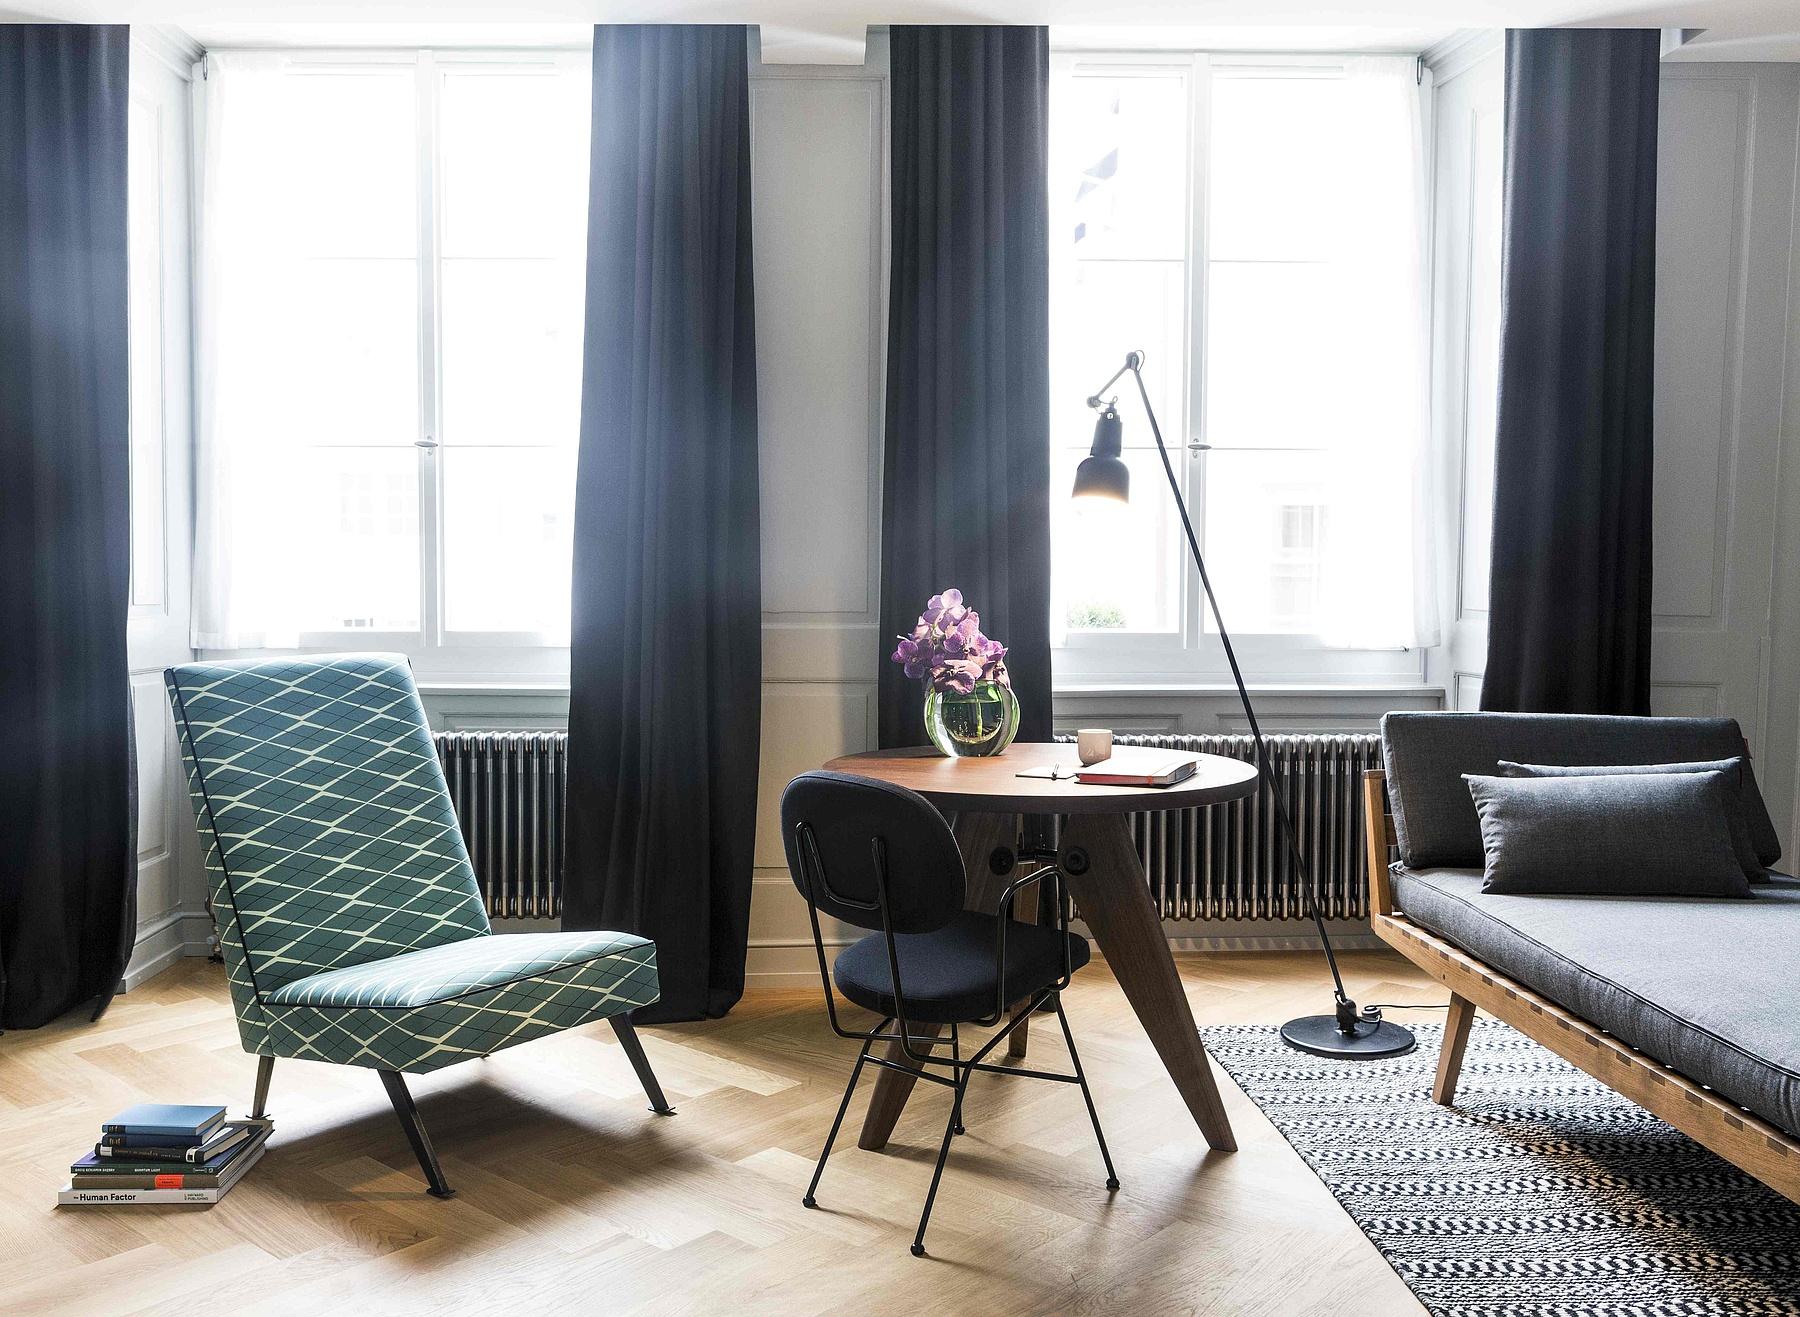 Als War S Das Eigene Wohnzimmer Hotellerie Gastronomie Zeitung